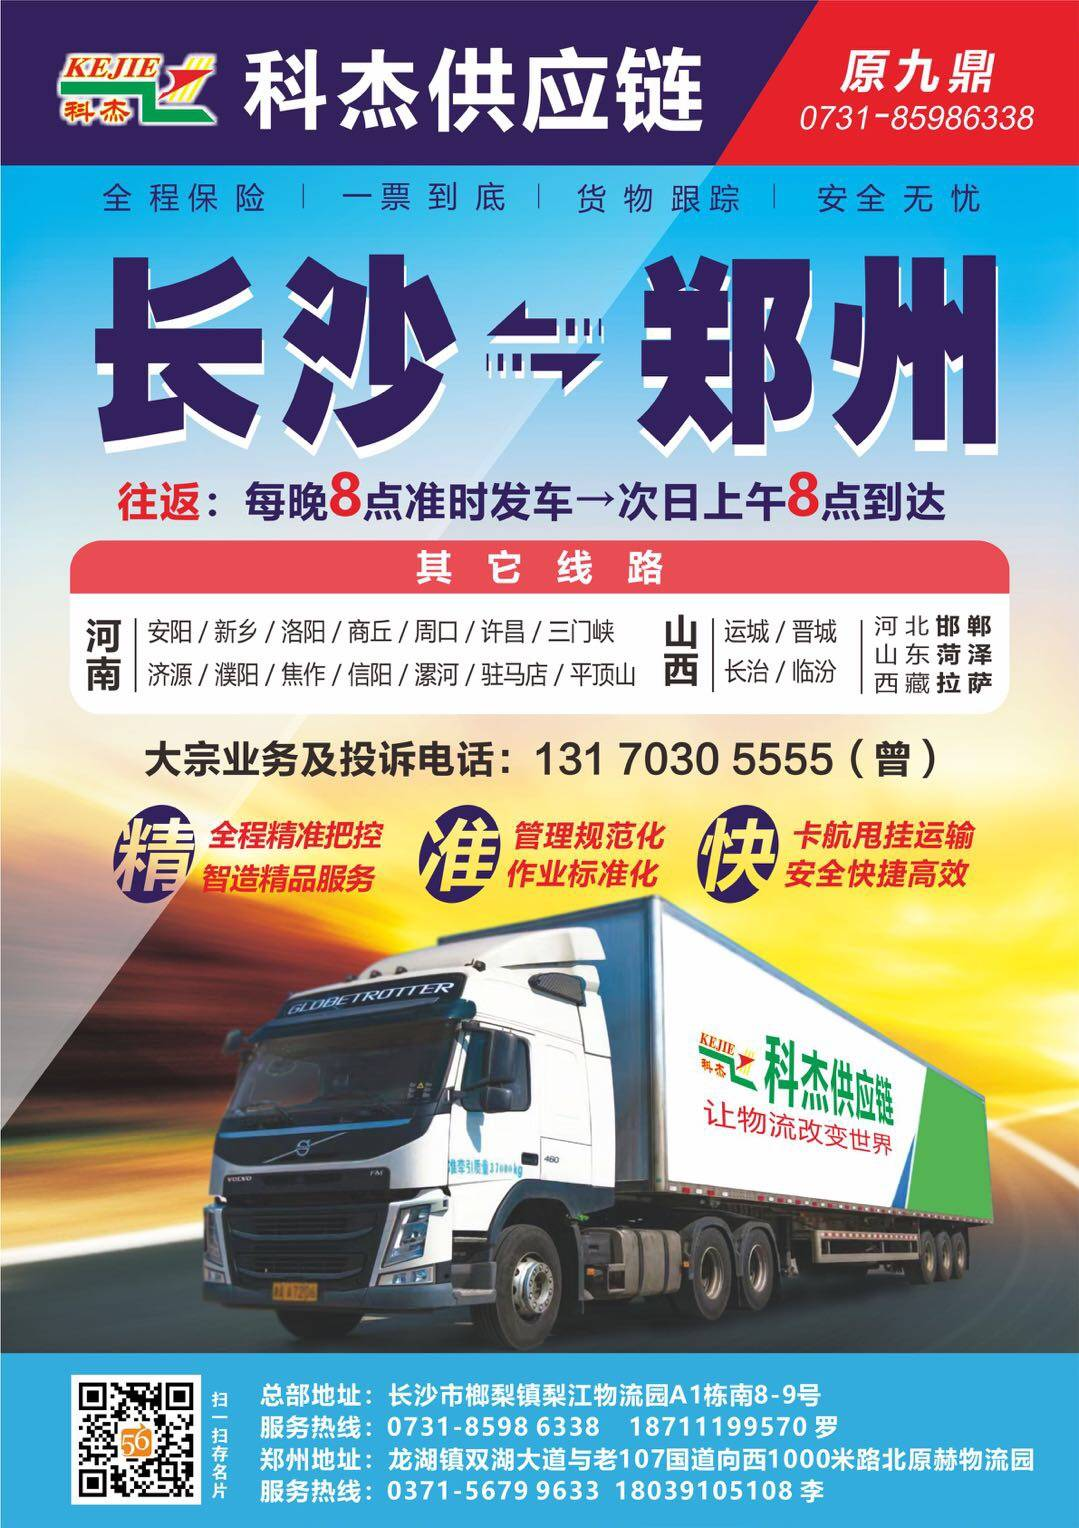 德坤科杰 长沙县至浉河区专线物流货运公司 查56物流信息平台